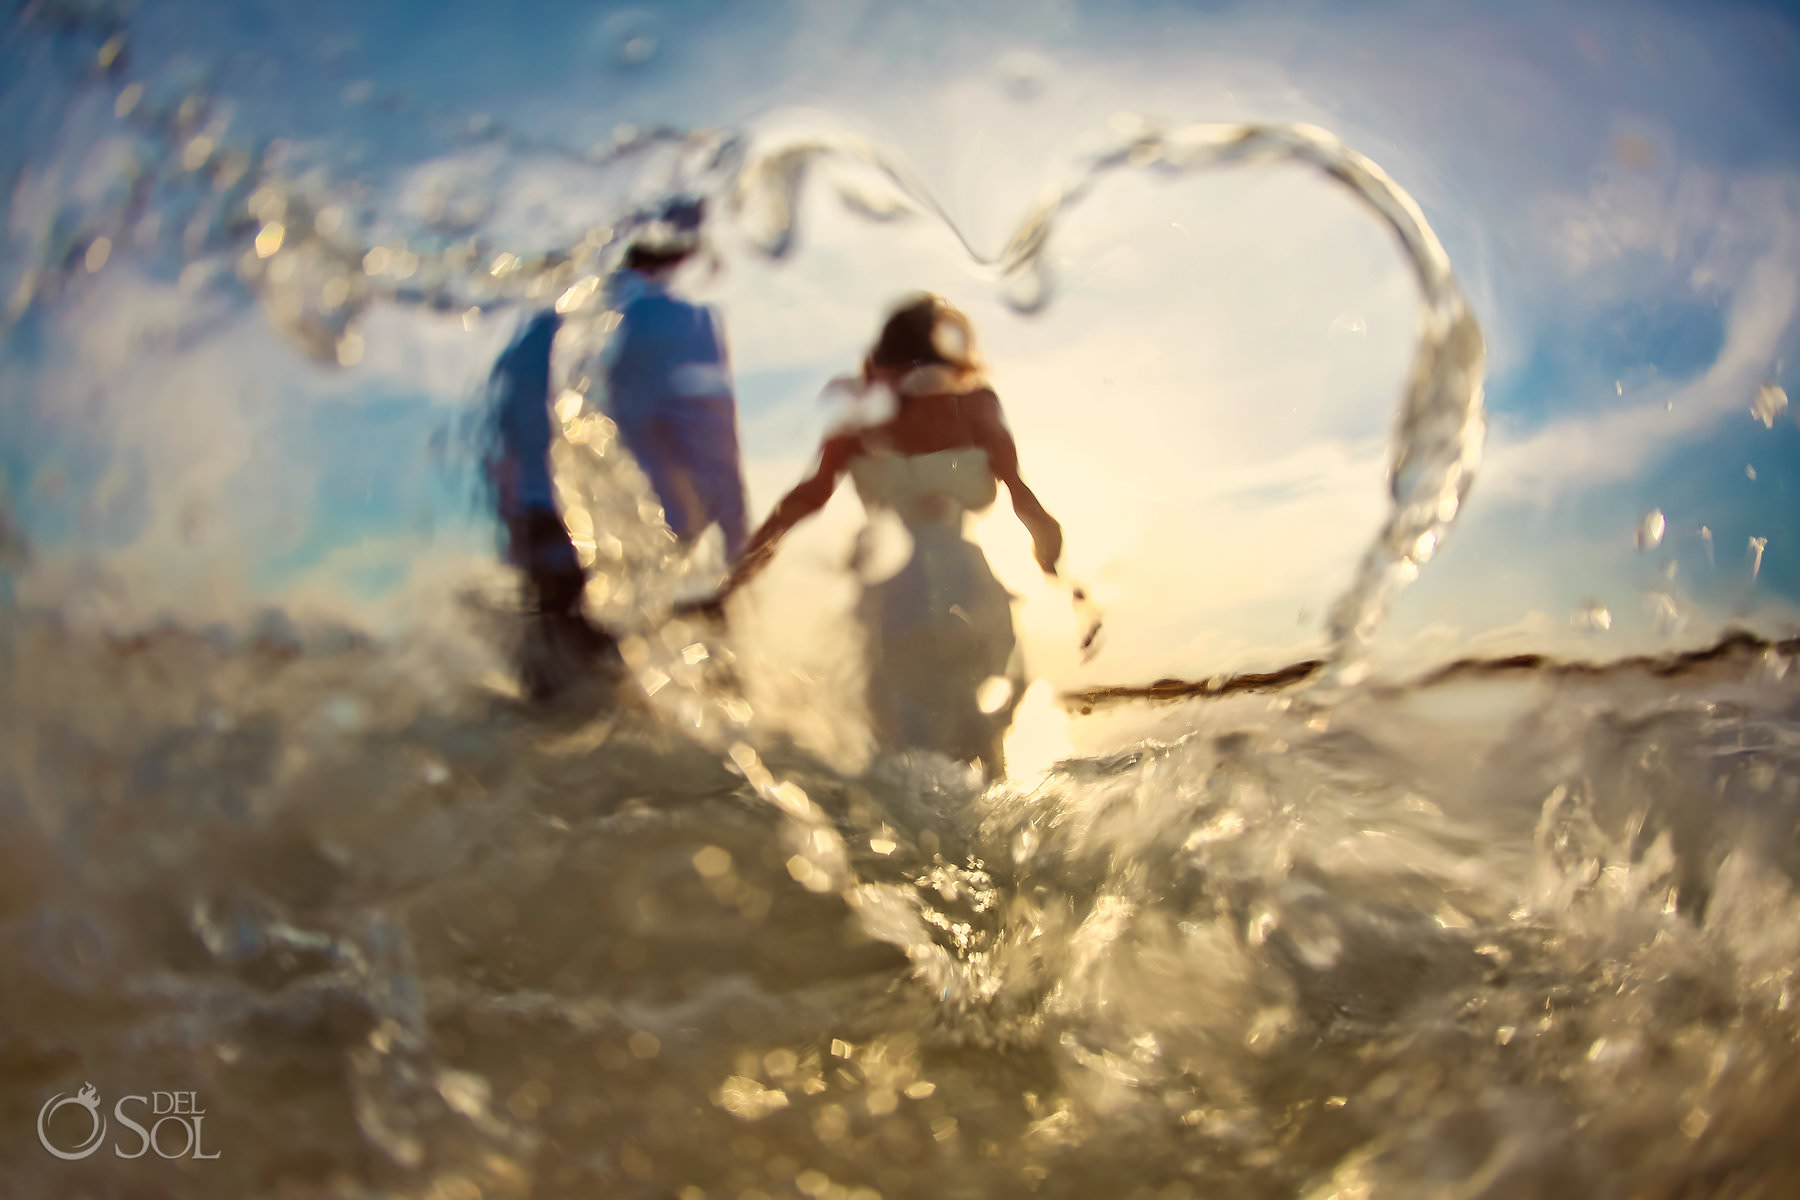 Playa Mujeres Trash the Dress #TravelforLove heart made of water drops